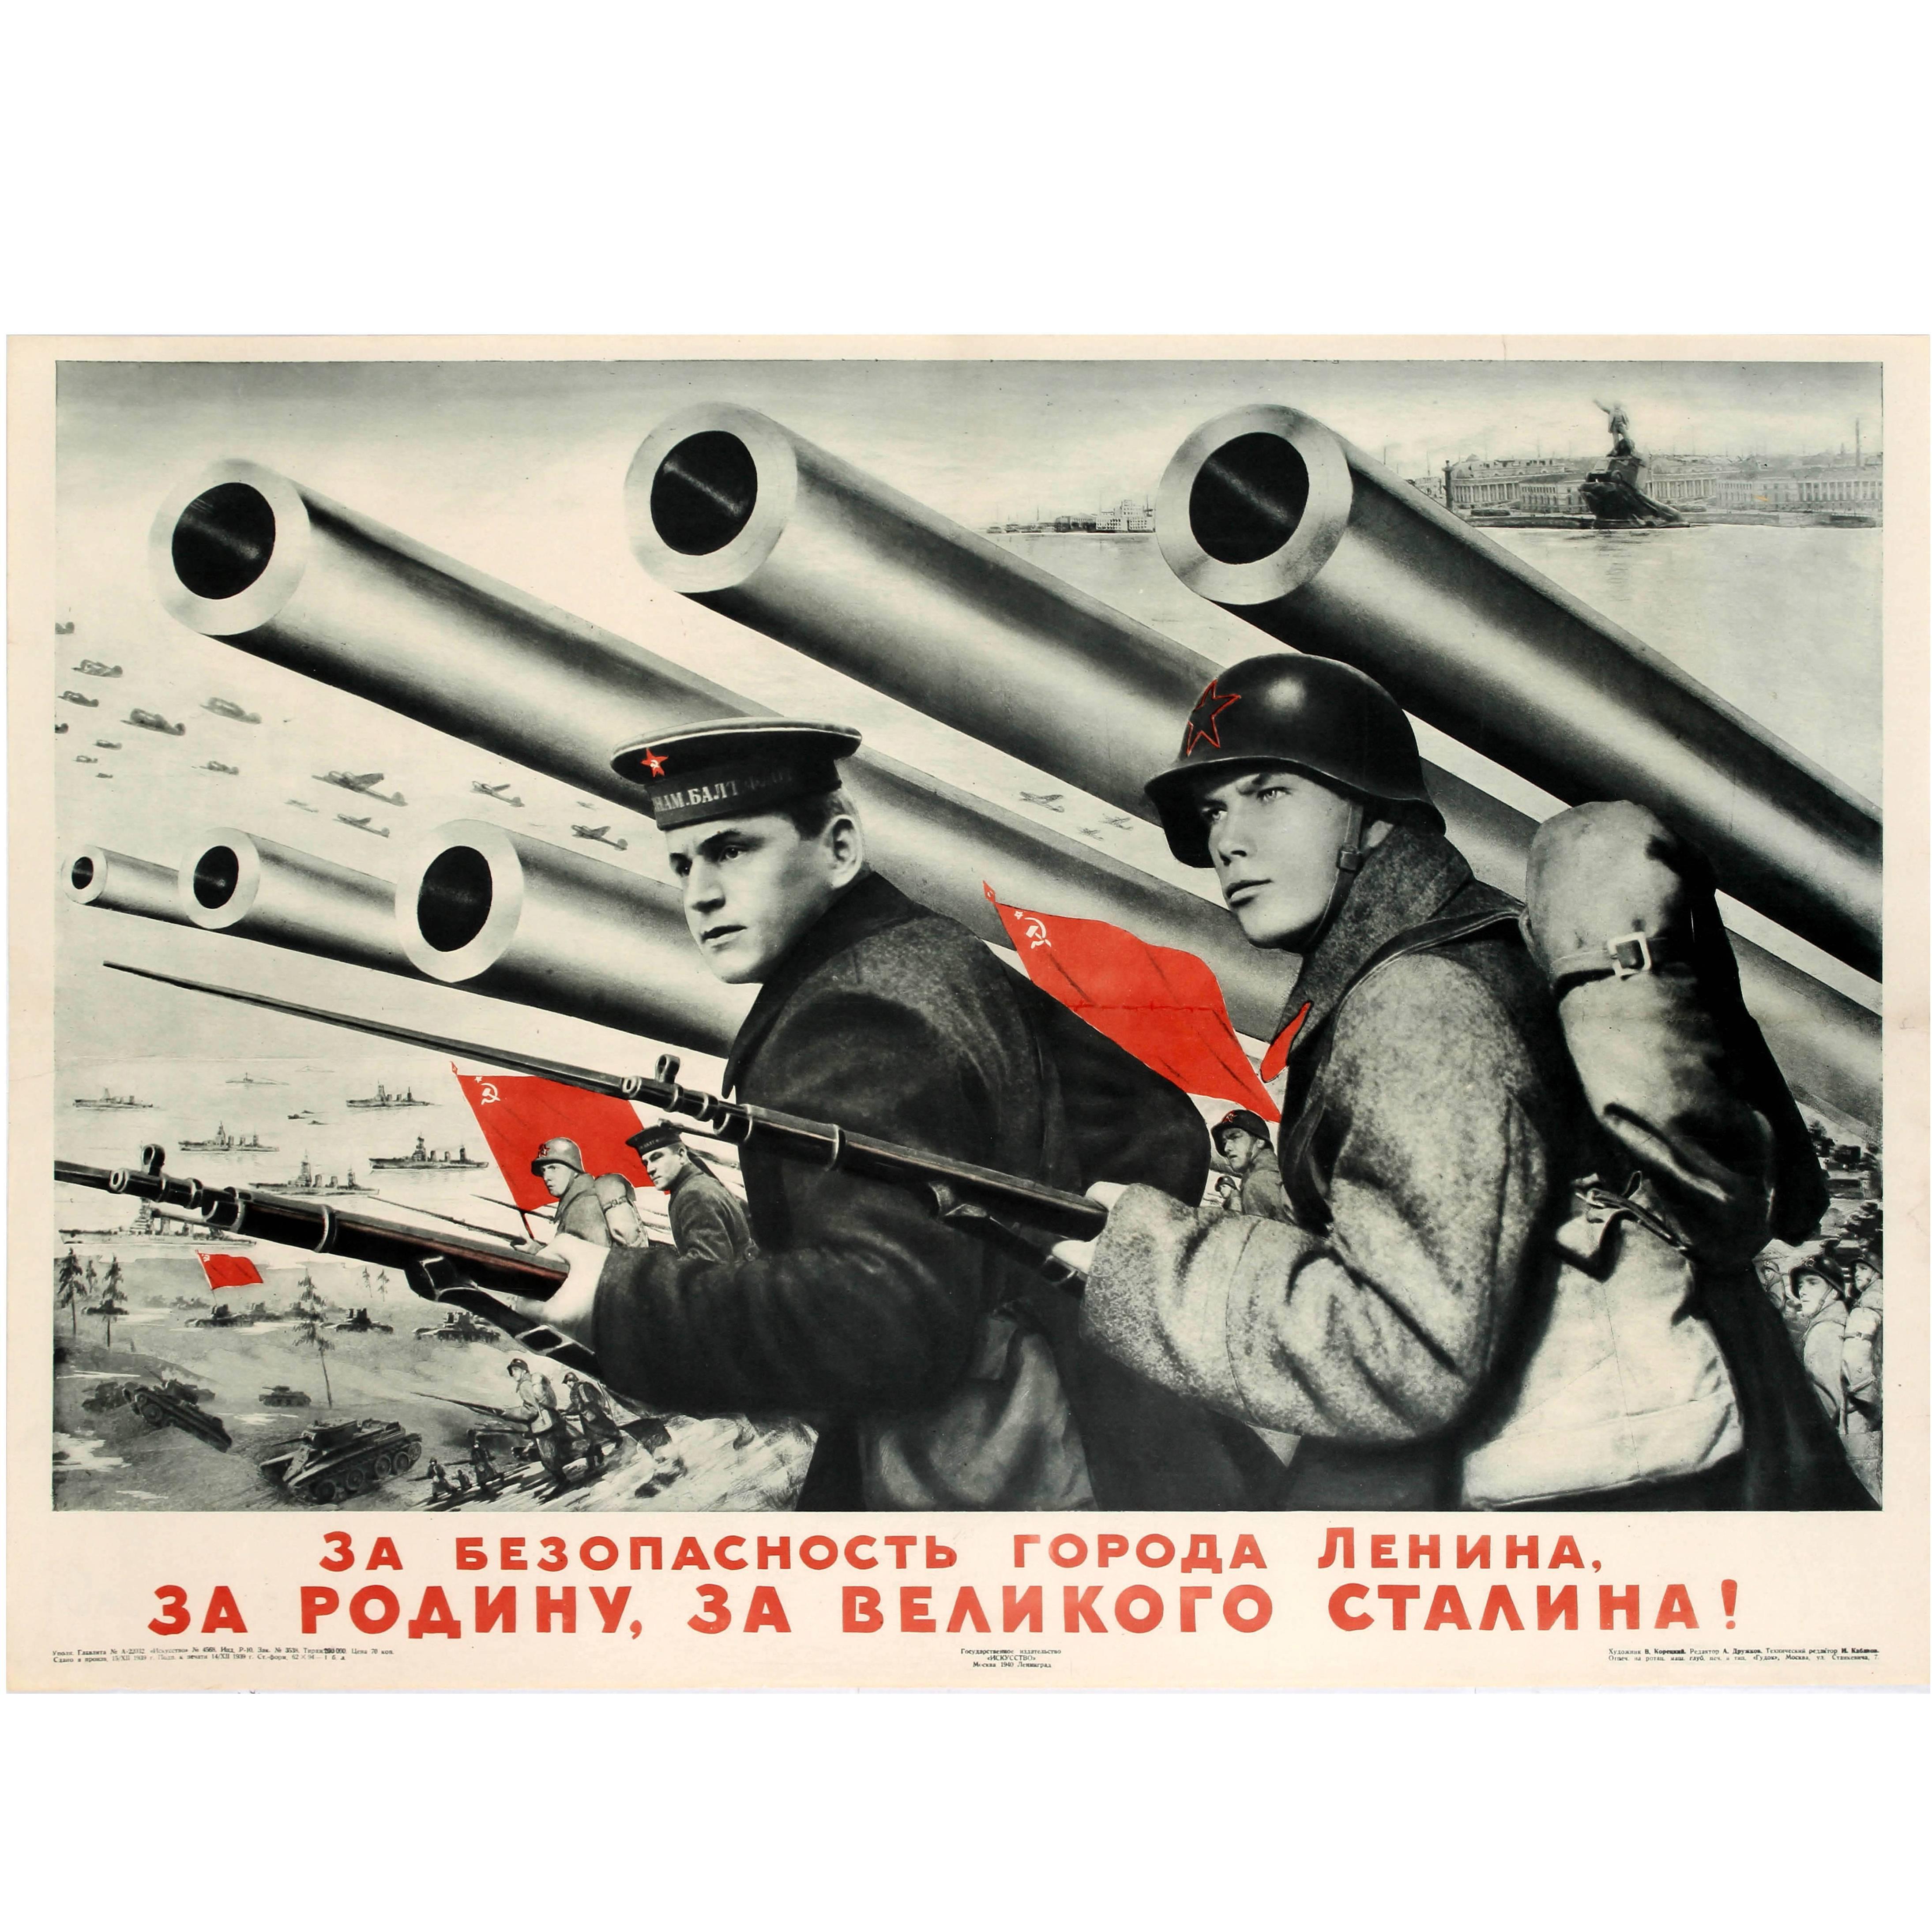 Original Vintage World War II Soviet Propaganda Poster, Security of Leningrad